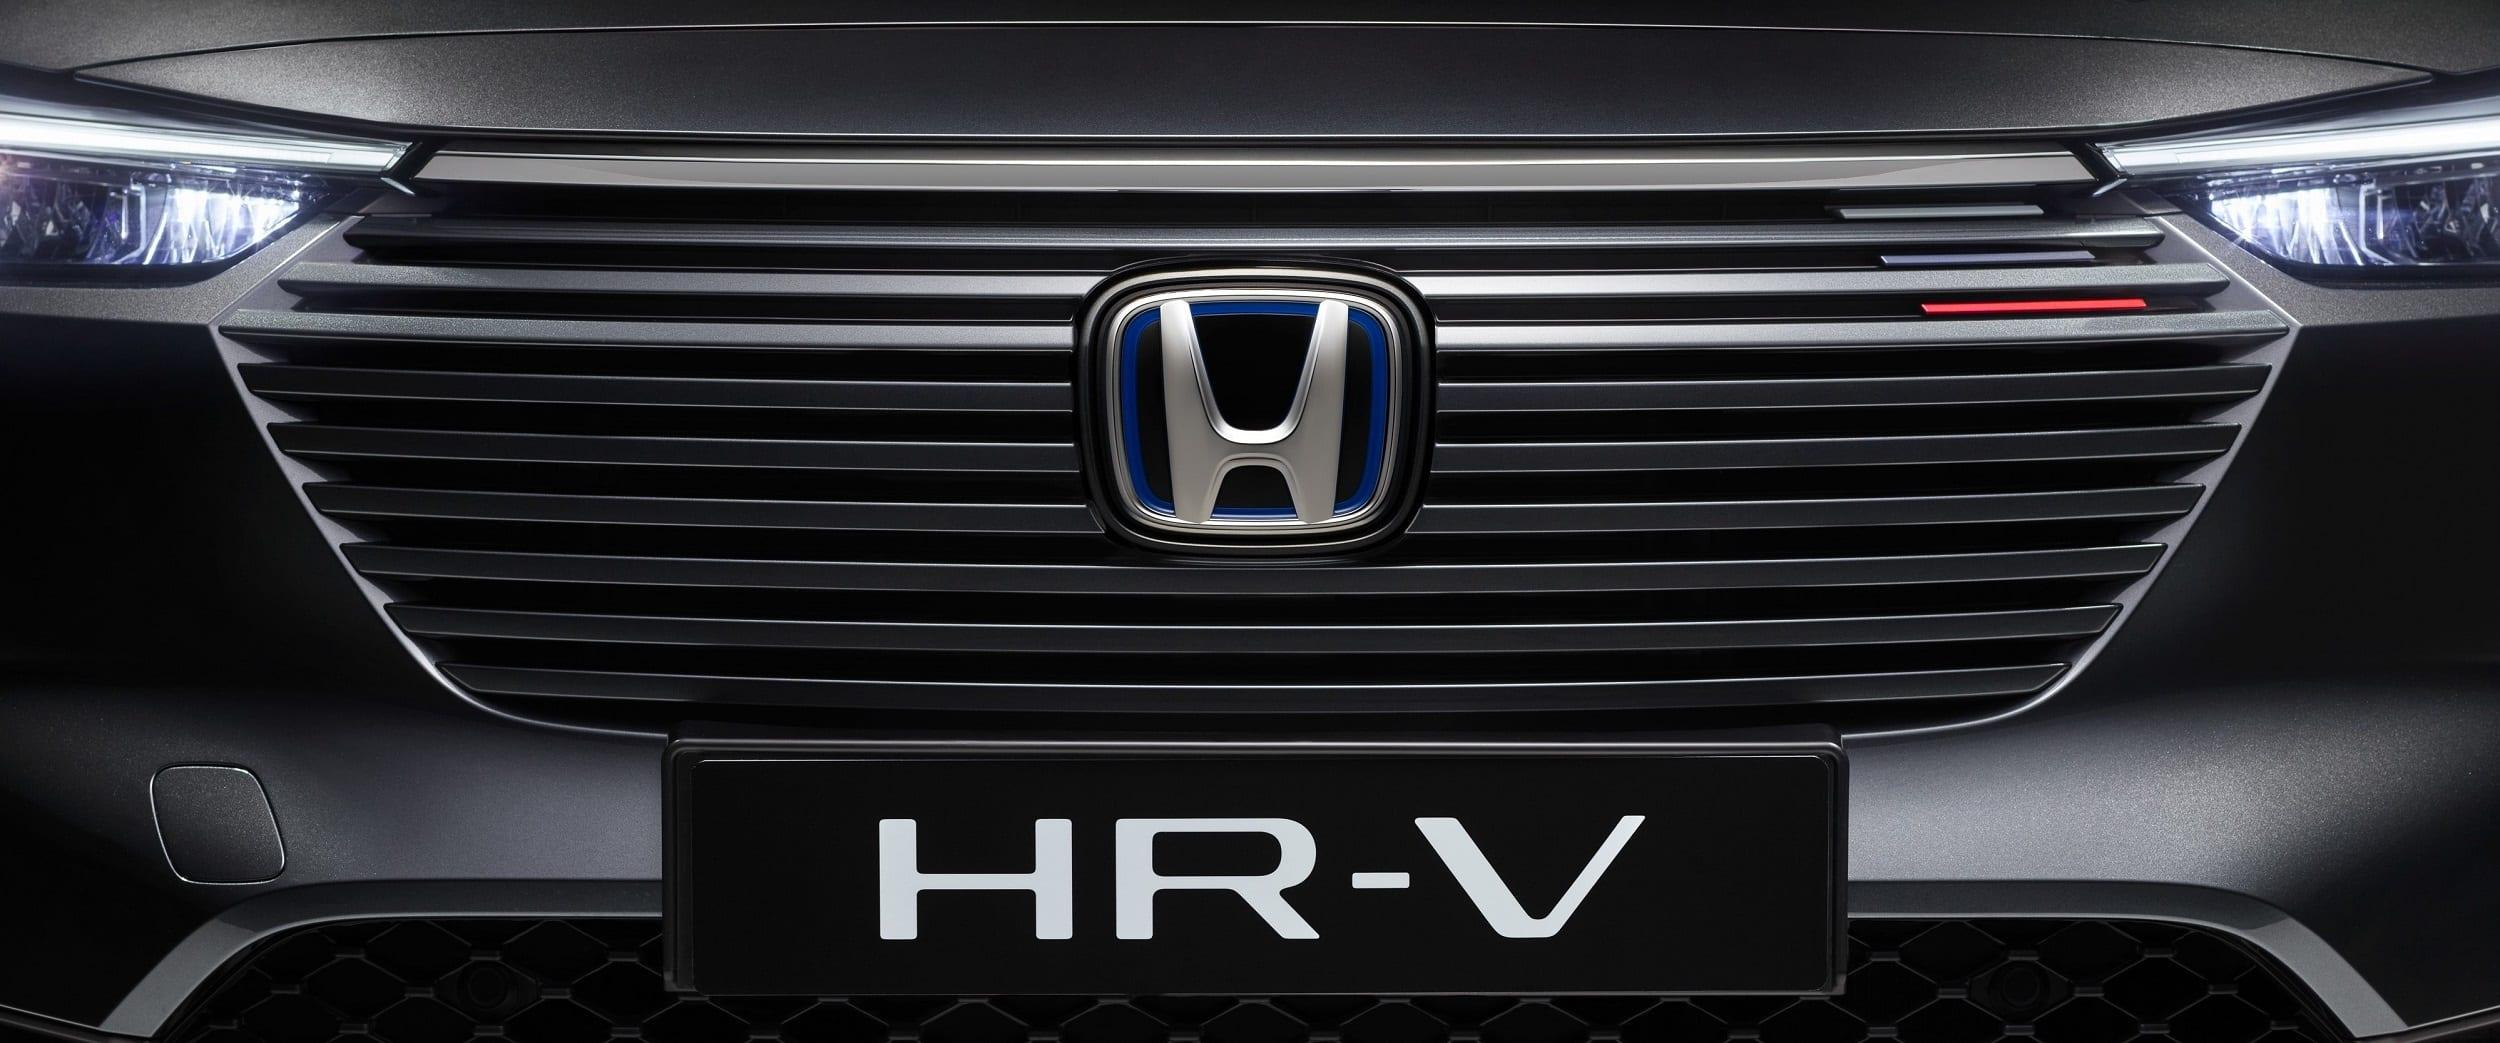 Ontdek alles over de nieuwste generatie HR-V e:HEV